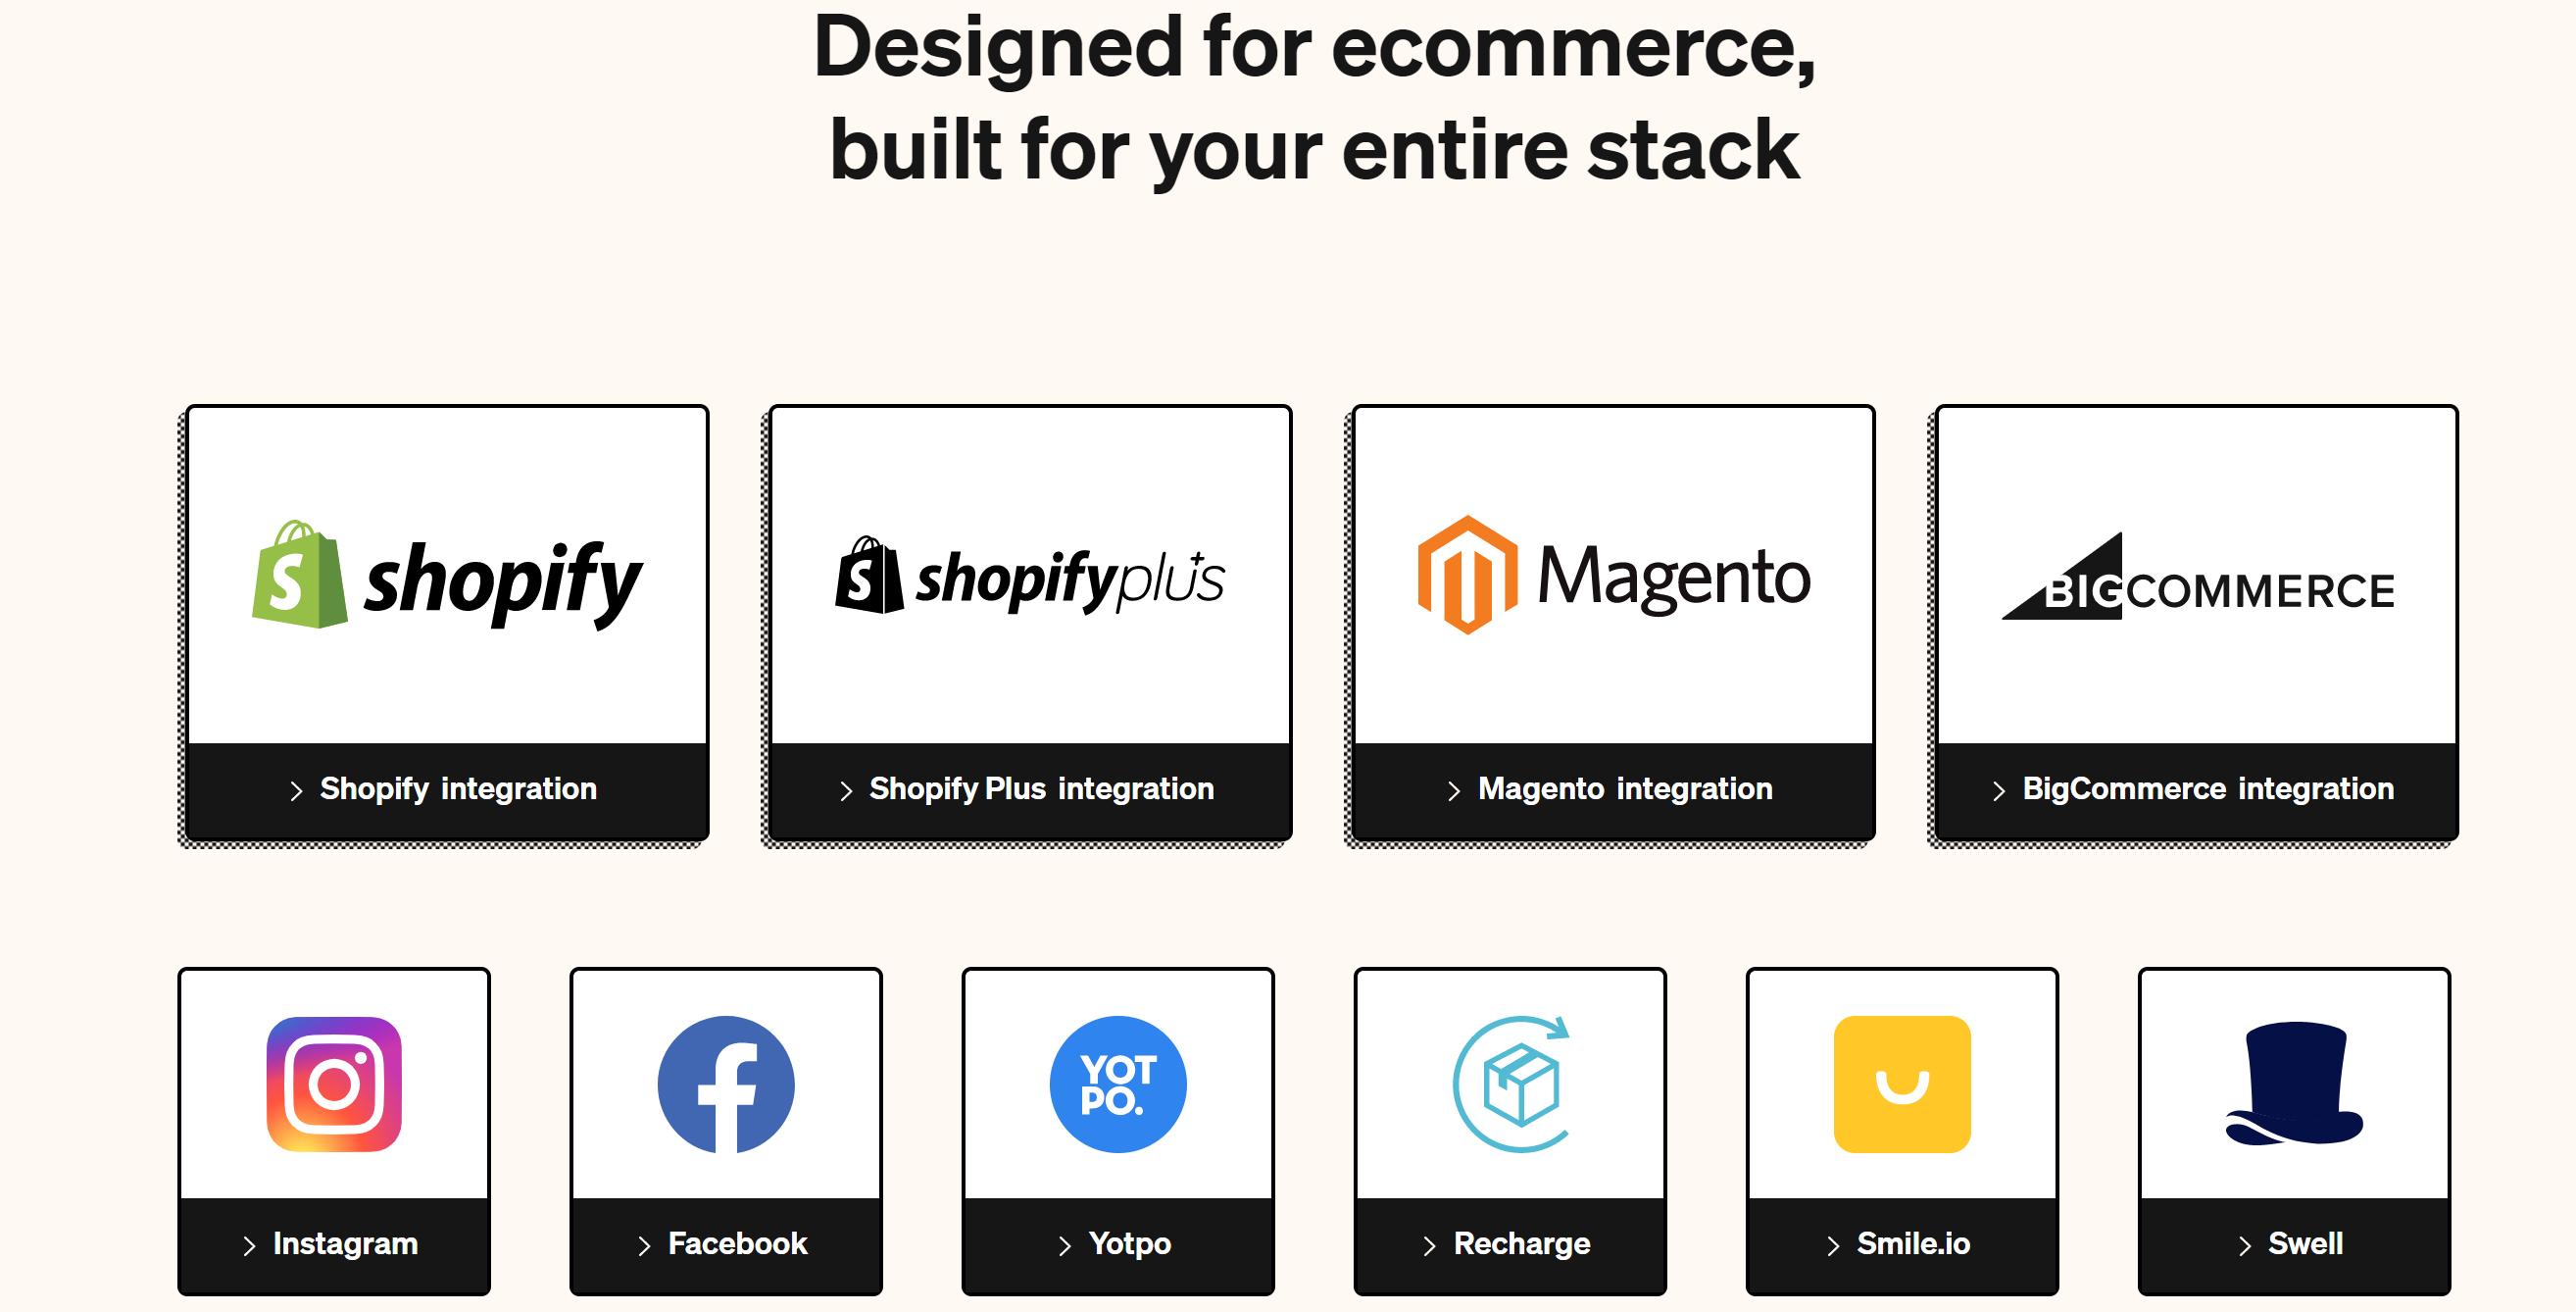 Gorgias shopify ecommerce